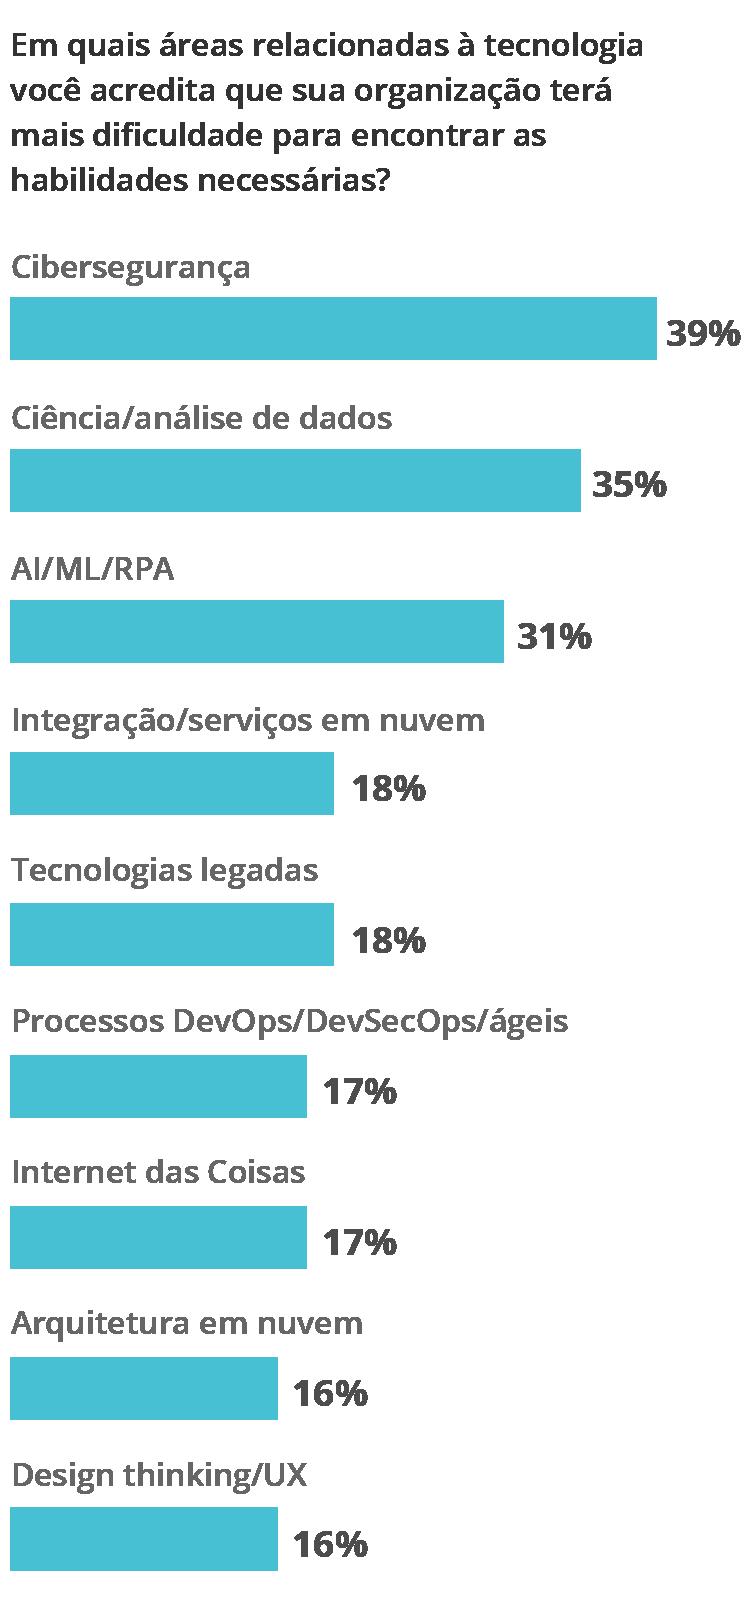 Diagrama - Escassez de competências em tecnologia nas empresas